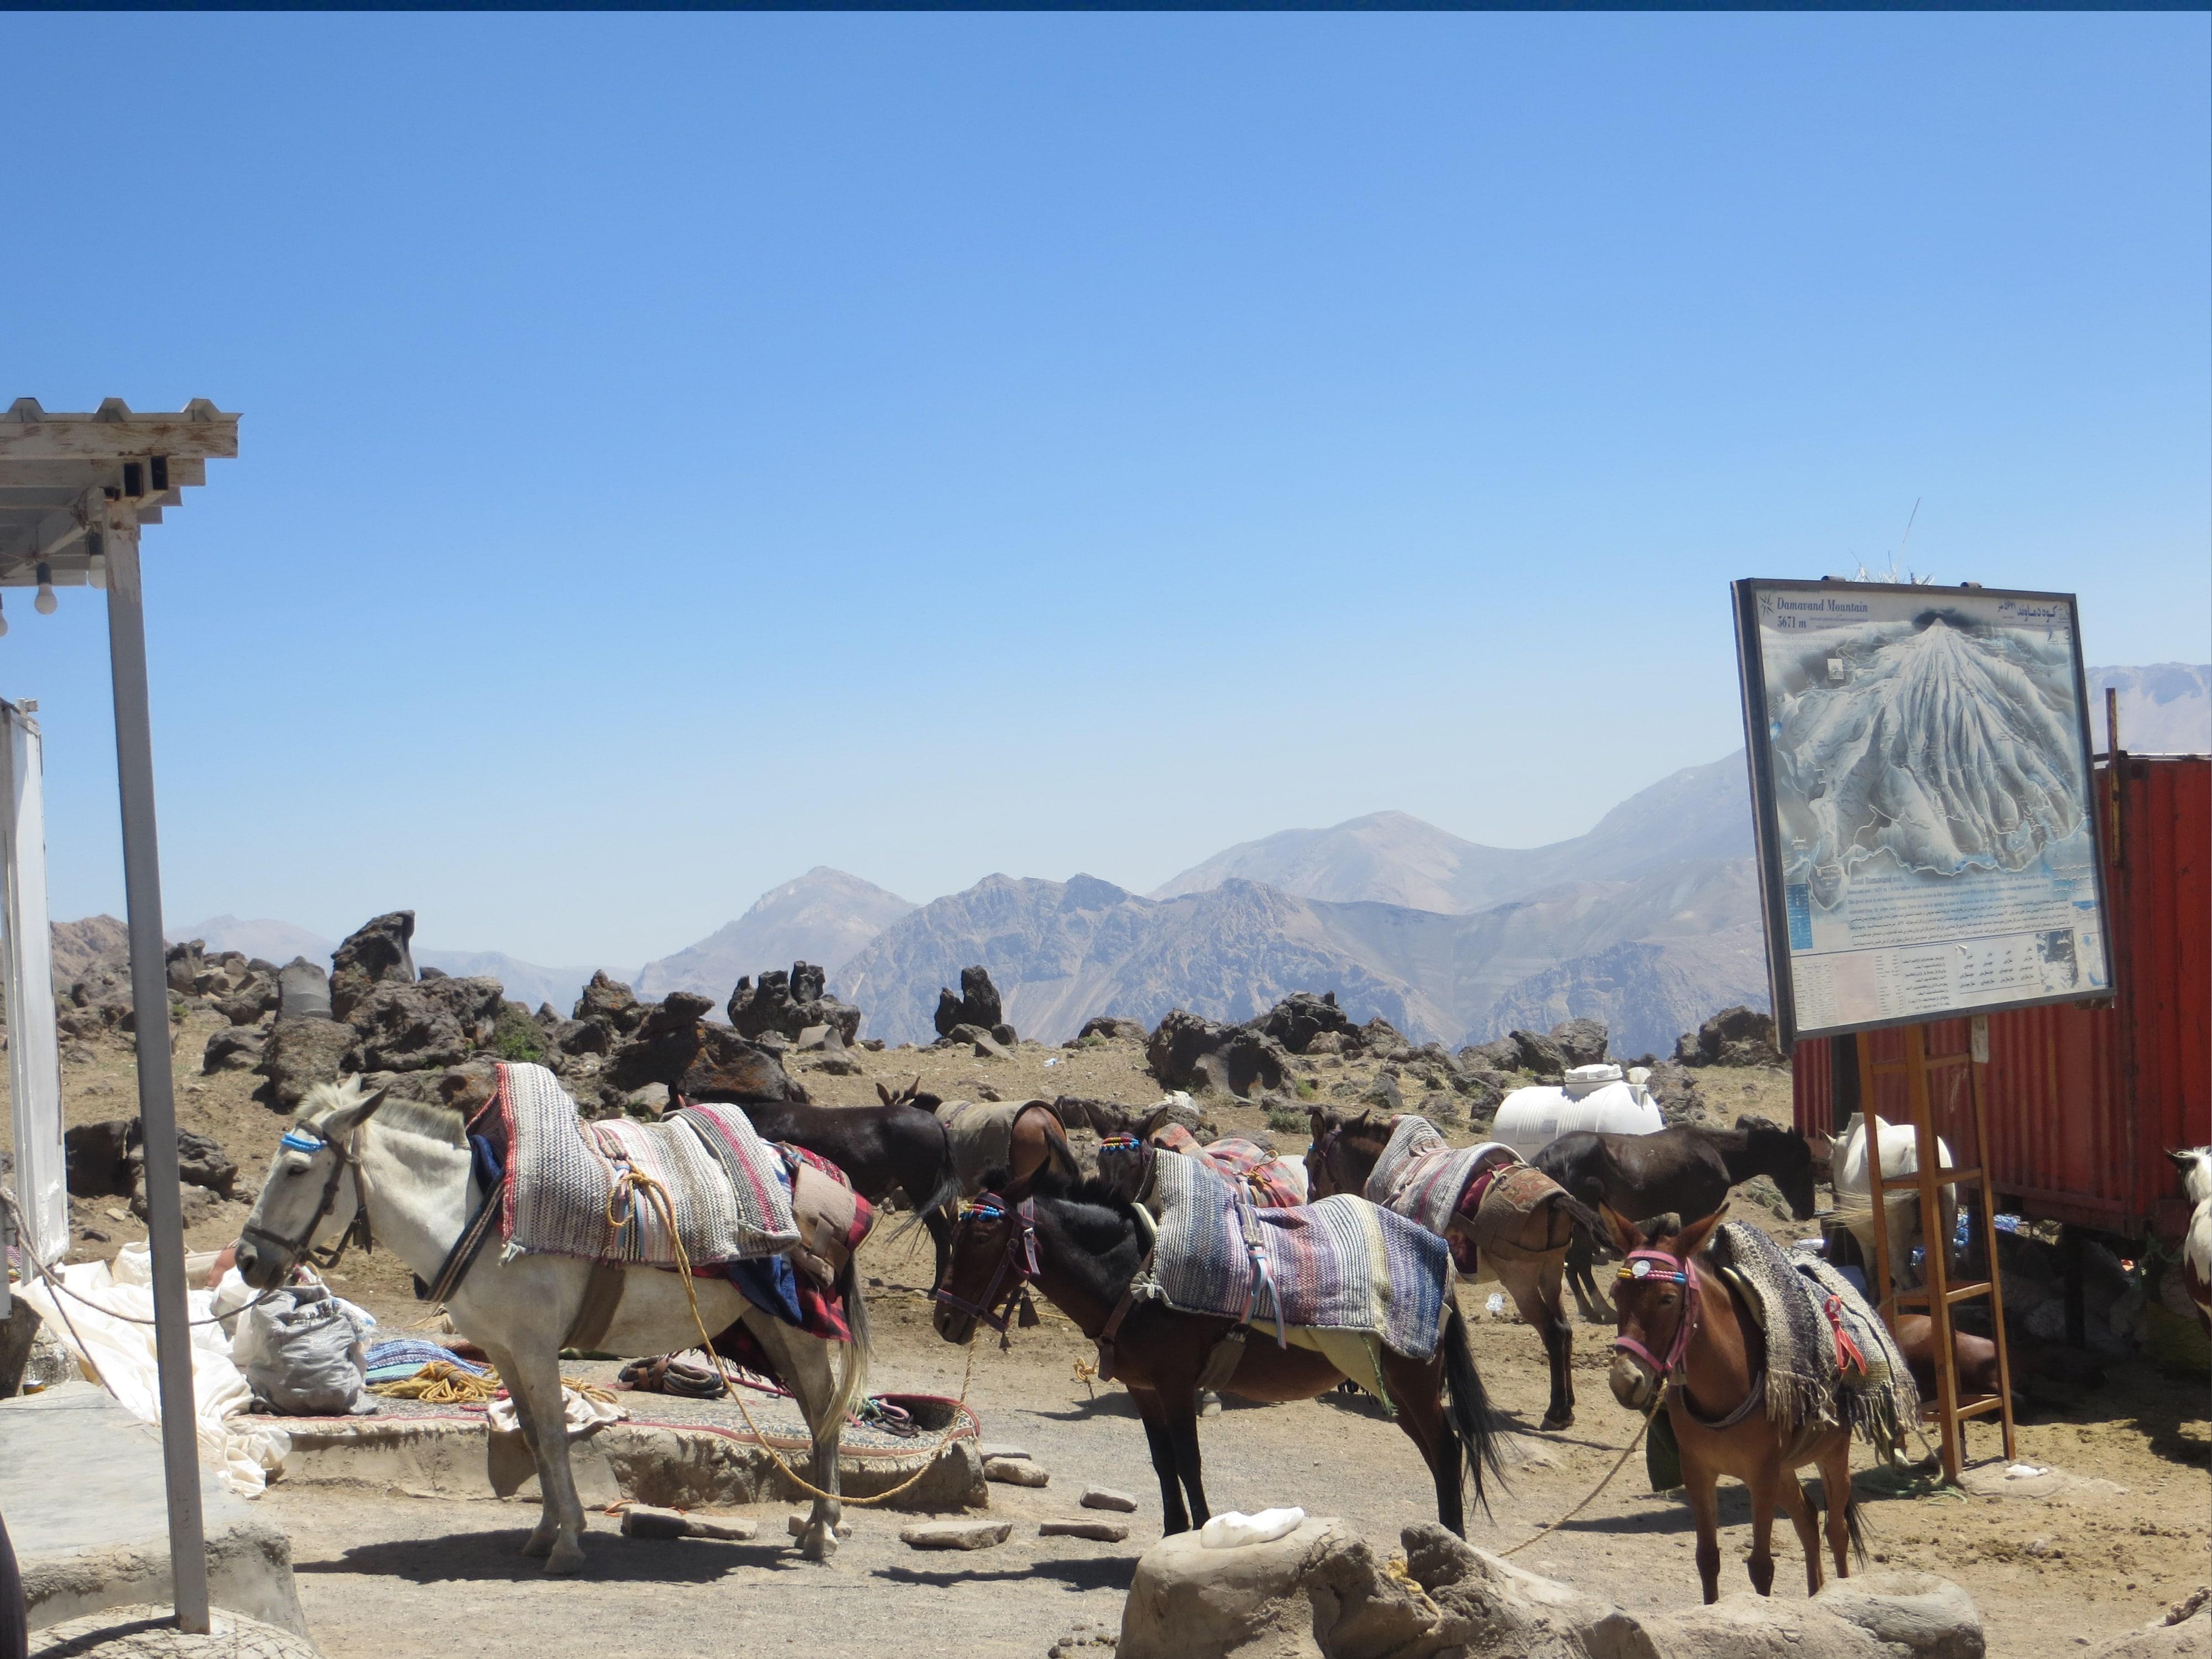 07. Camp 2, Goosfand-sara (3050 m)